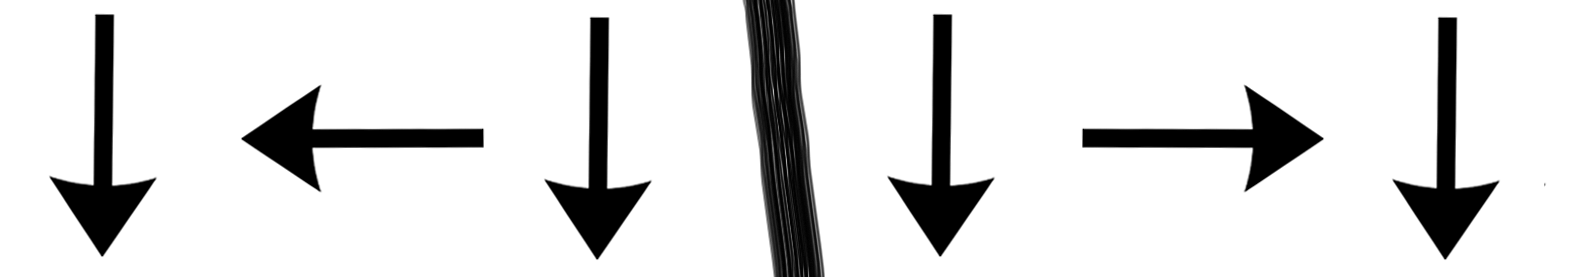 168Pnp.png